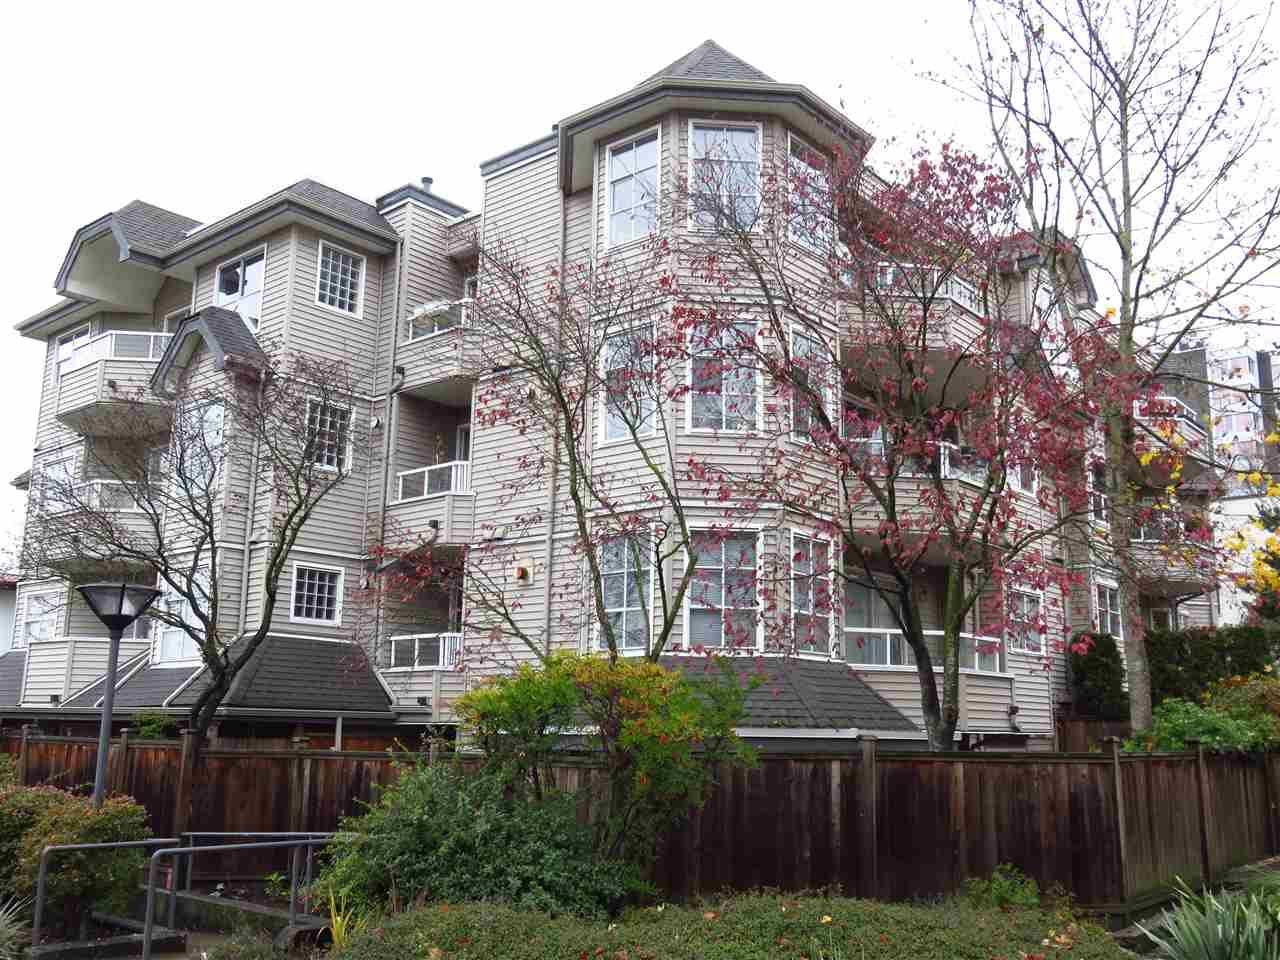 """Main Photo: 204 1481 E 4TH Avenue in Vancouver: Grandview VE Condo for sale in """"Scenic Villa"""" (Vancouver East)  : MLS®# R2015438"""